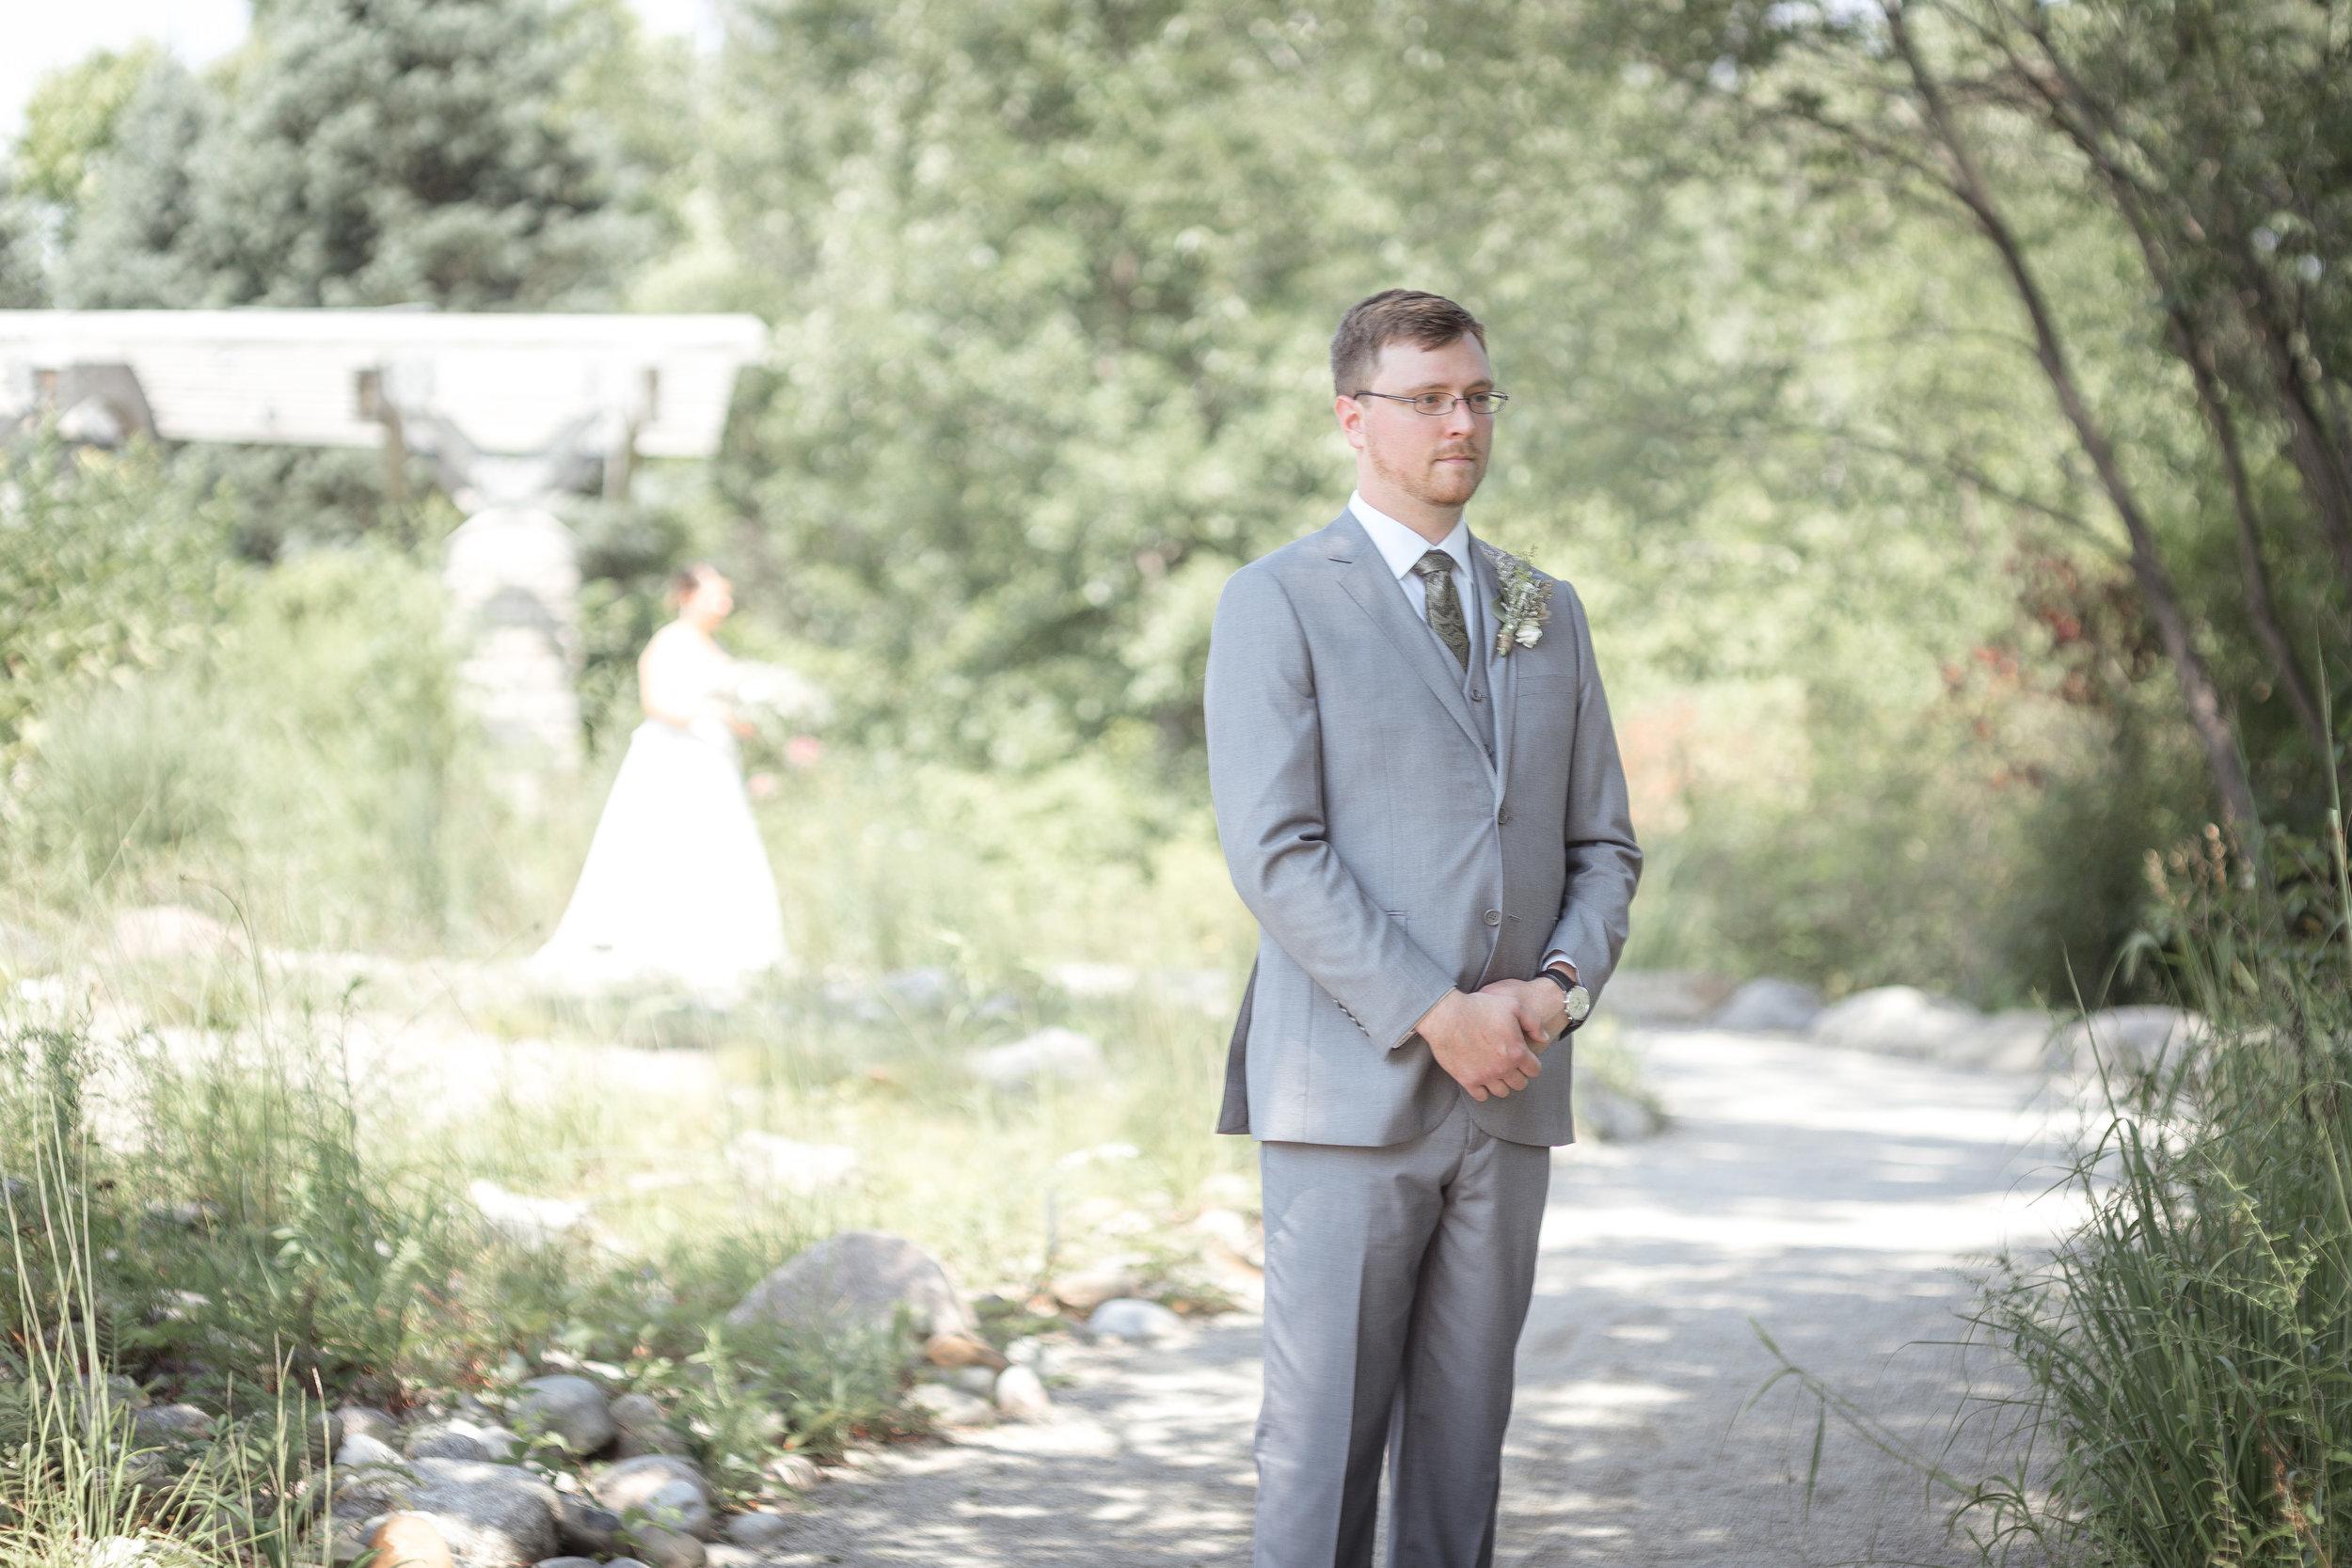 C_Wedding_Sarver, Alyssa & Scott_FOR BLOG-25.JPG